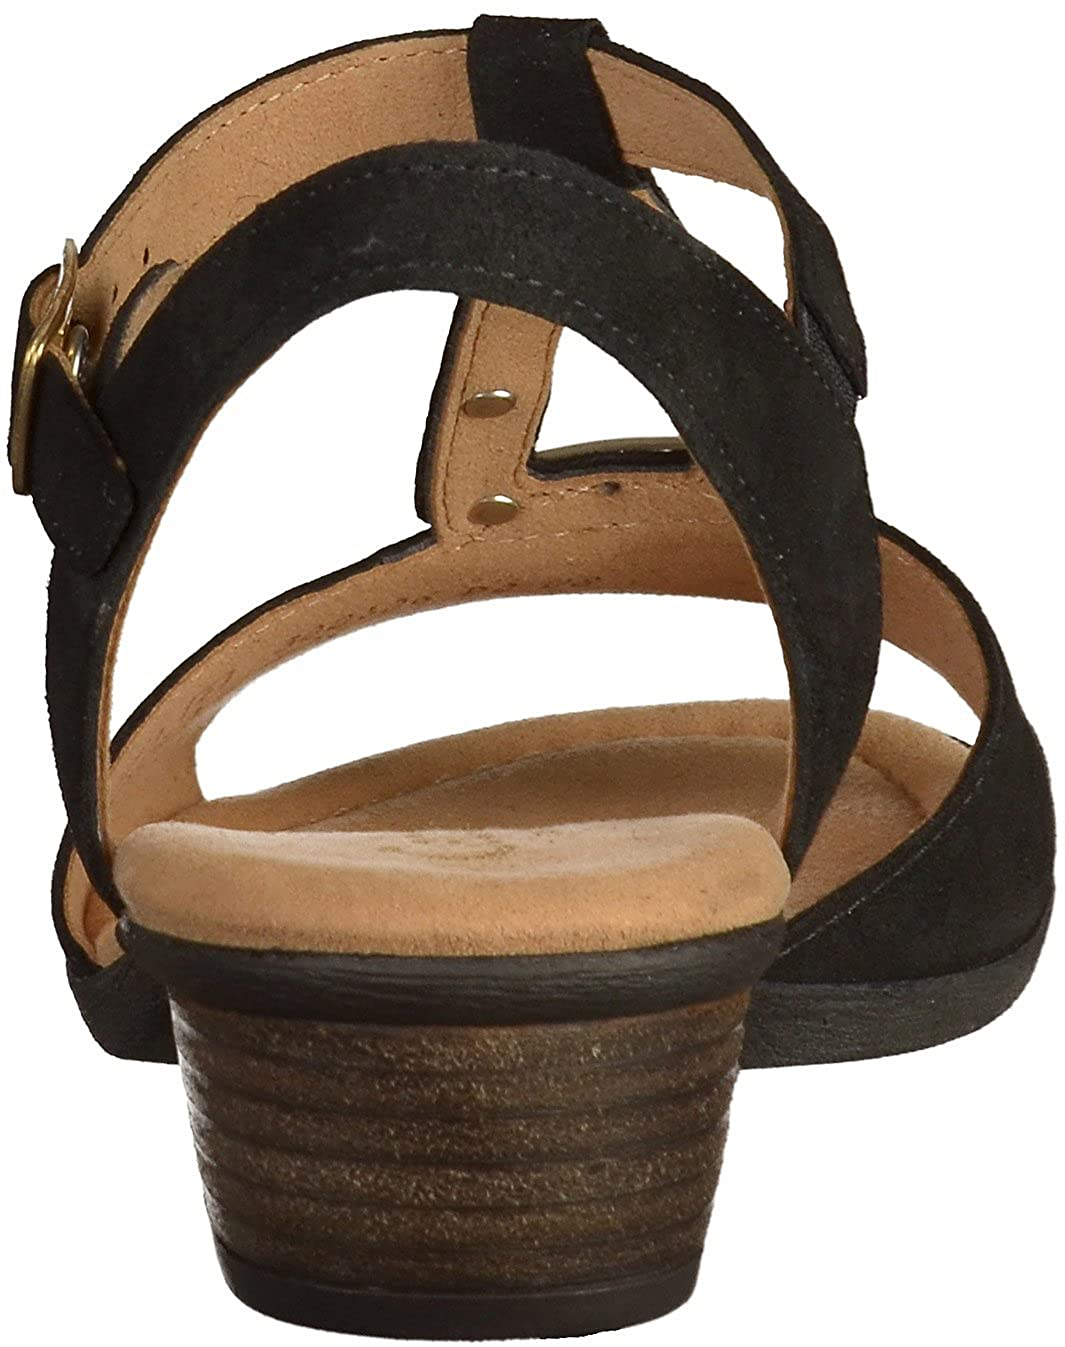 Gabor Comfort - Damen Sandaletten - Schwarz Schuhe in in Schuhe Übergrößen Schwarz (Gold) bfdec5